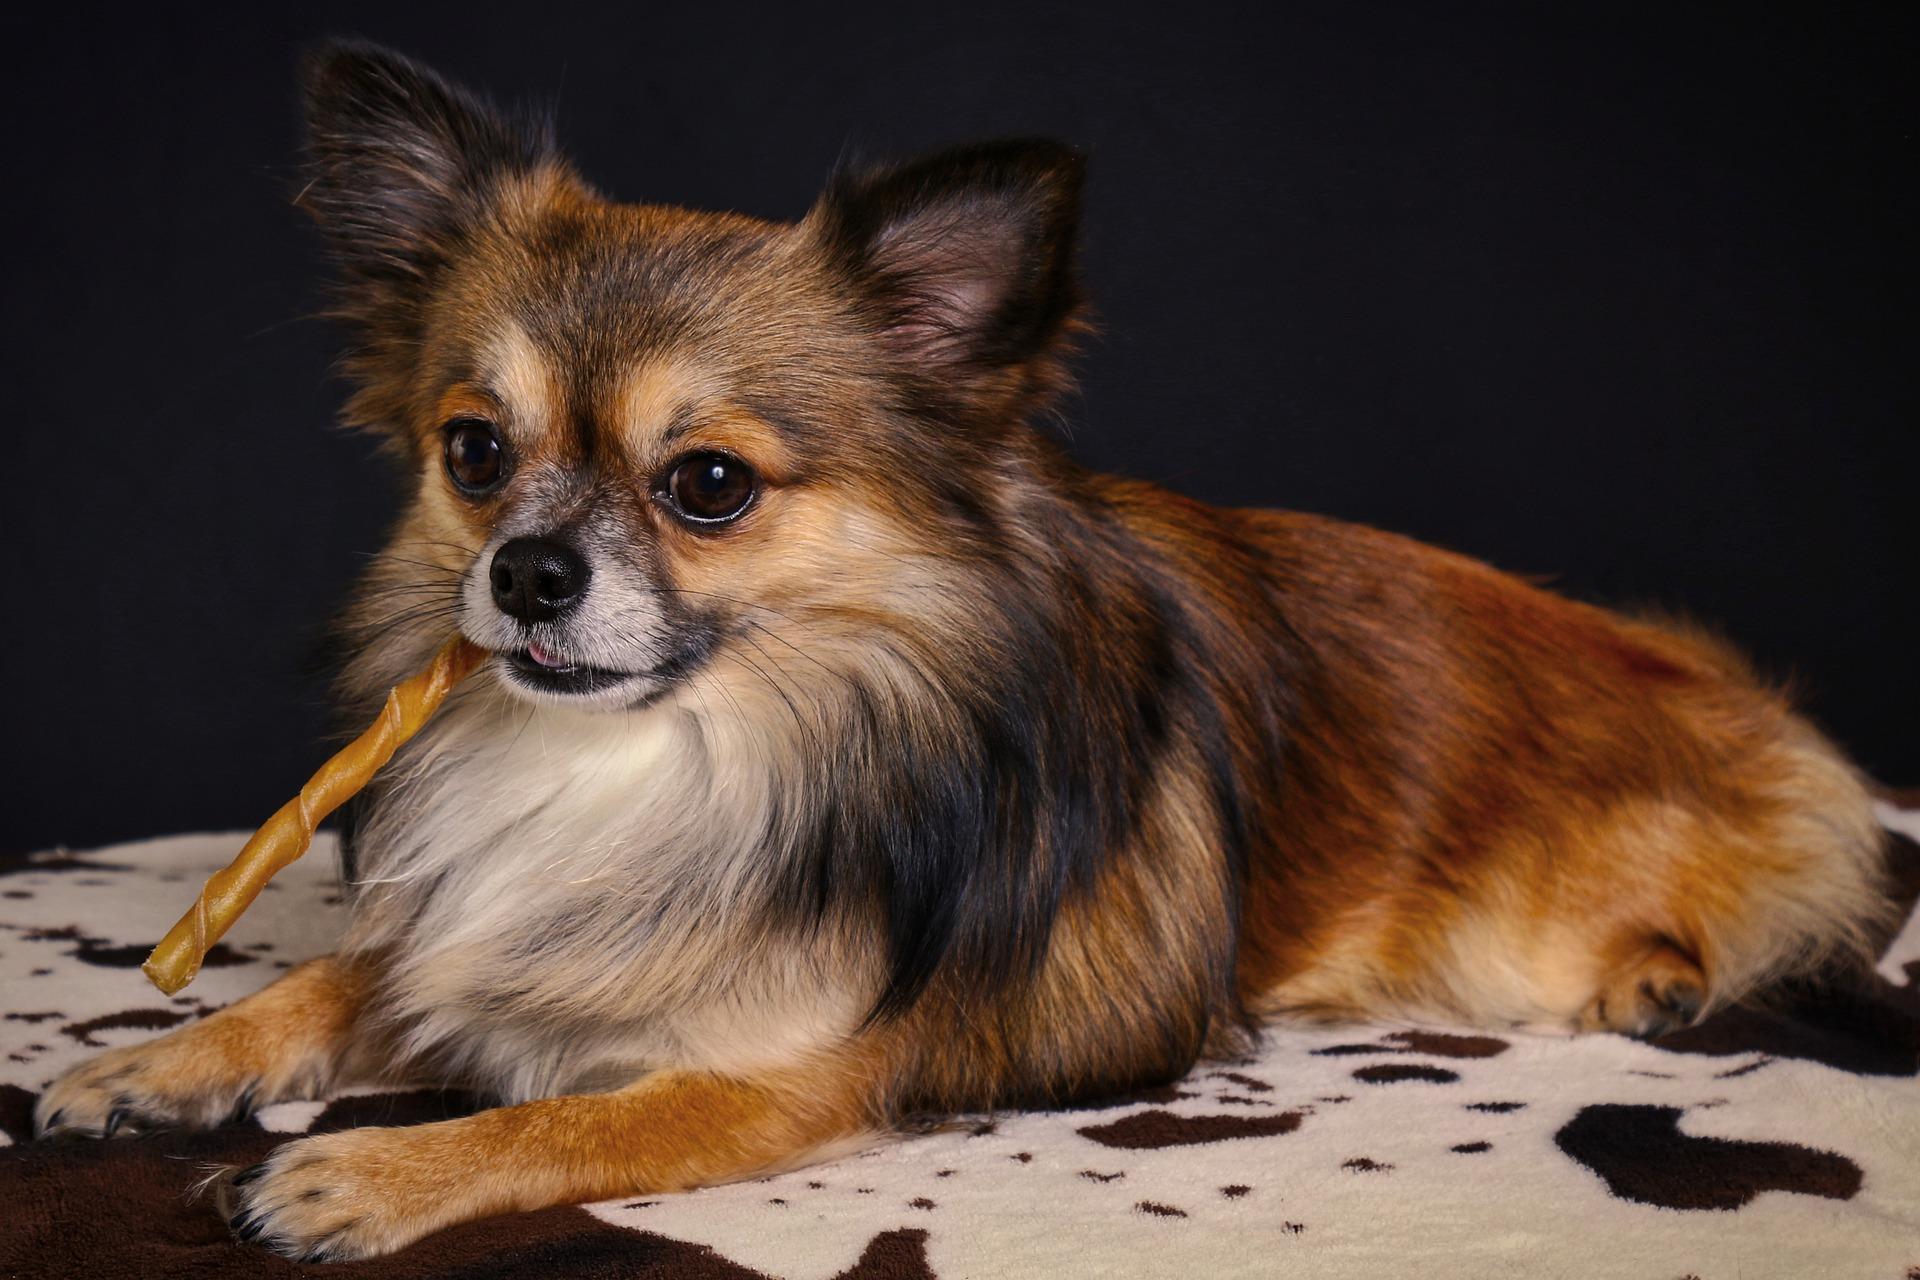 犬の蛋白漏出性胃腸炎を徹底解説!犬の病気を正しく知ろう